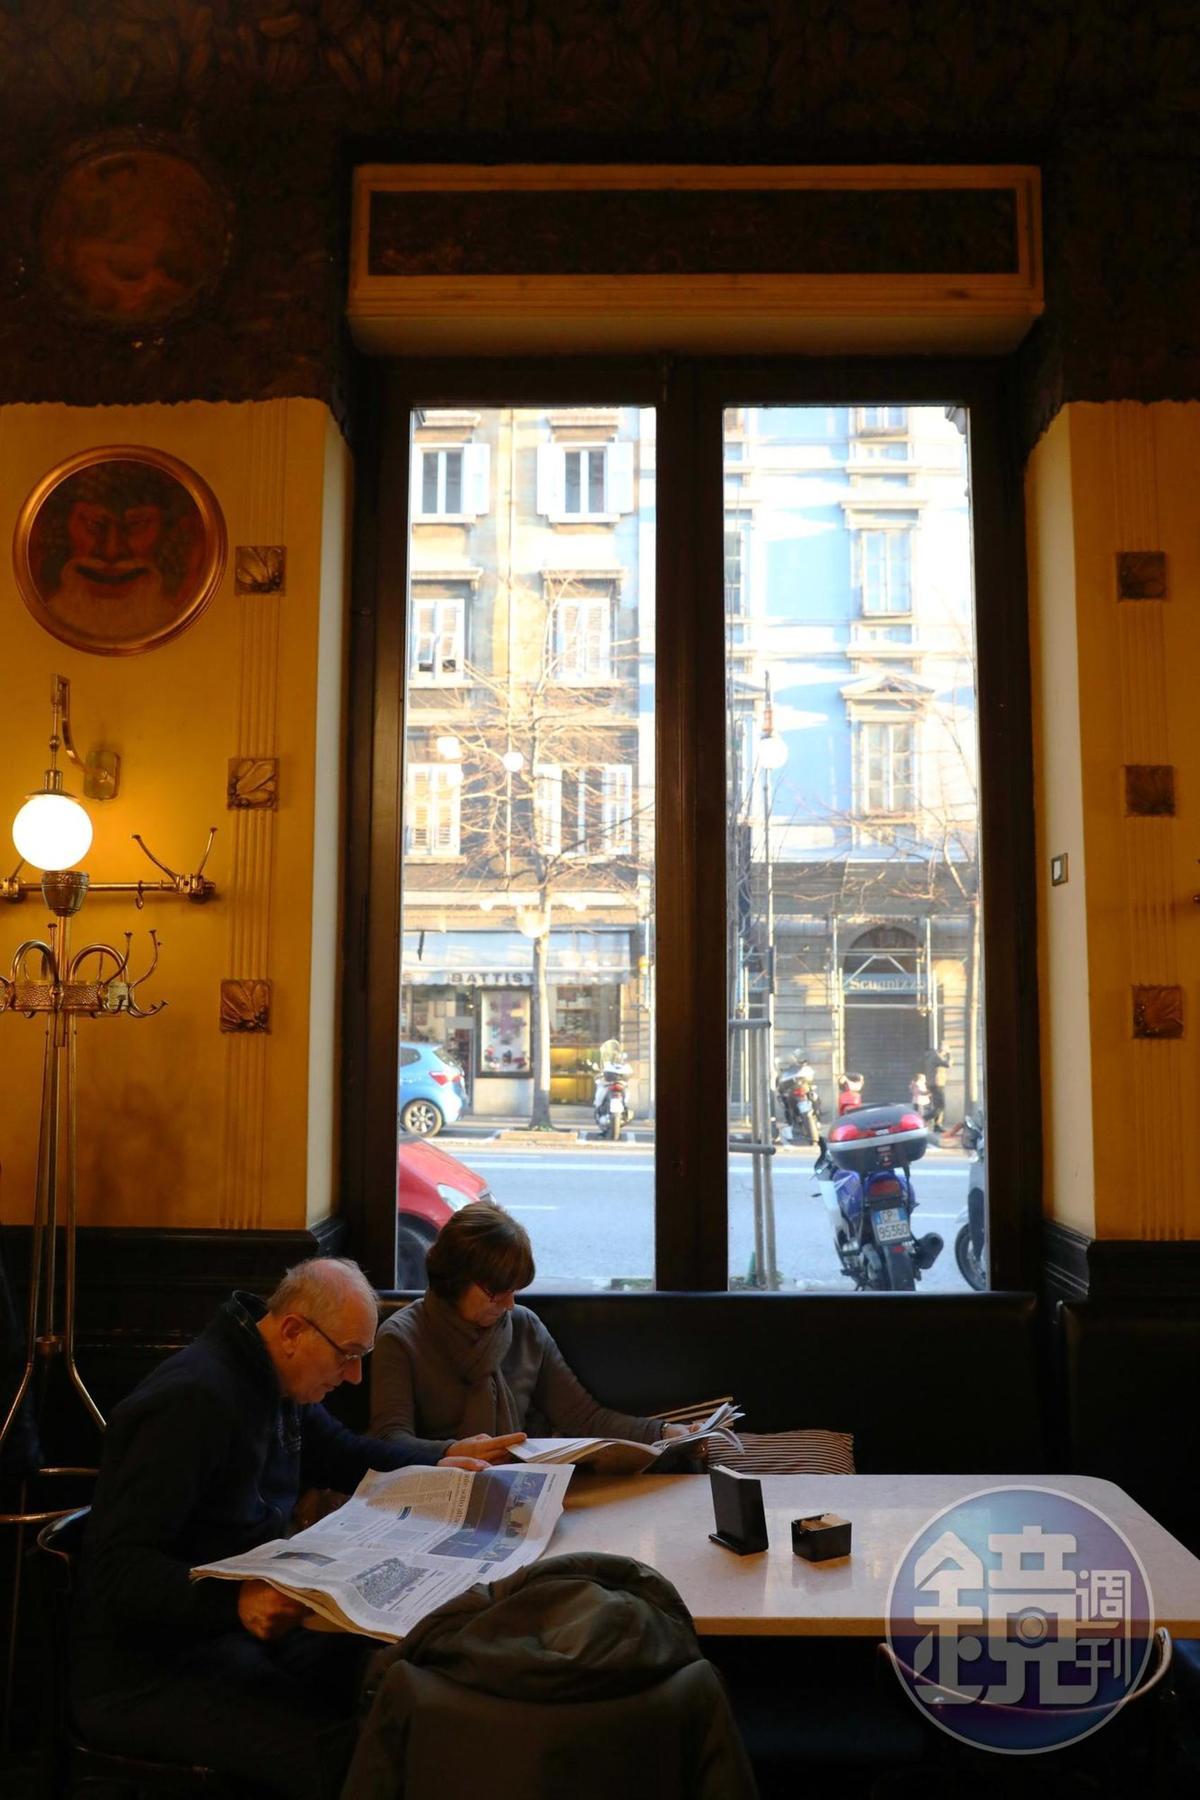 雖然坐著喝的價錢比站著貴,但仍有許多人喜歡悠哉的找個沙發座位,喝杯咖啡,看點書報,打發下午時光。